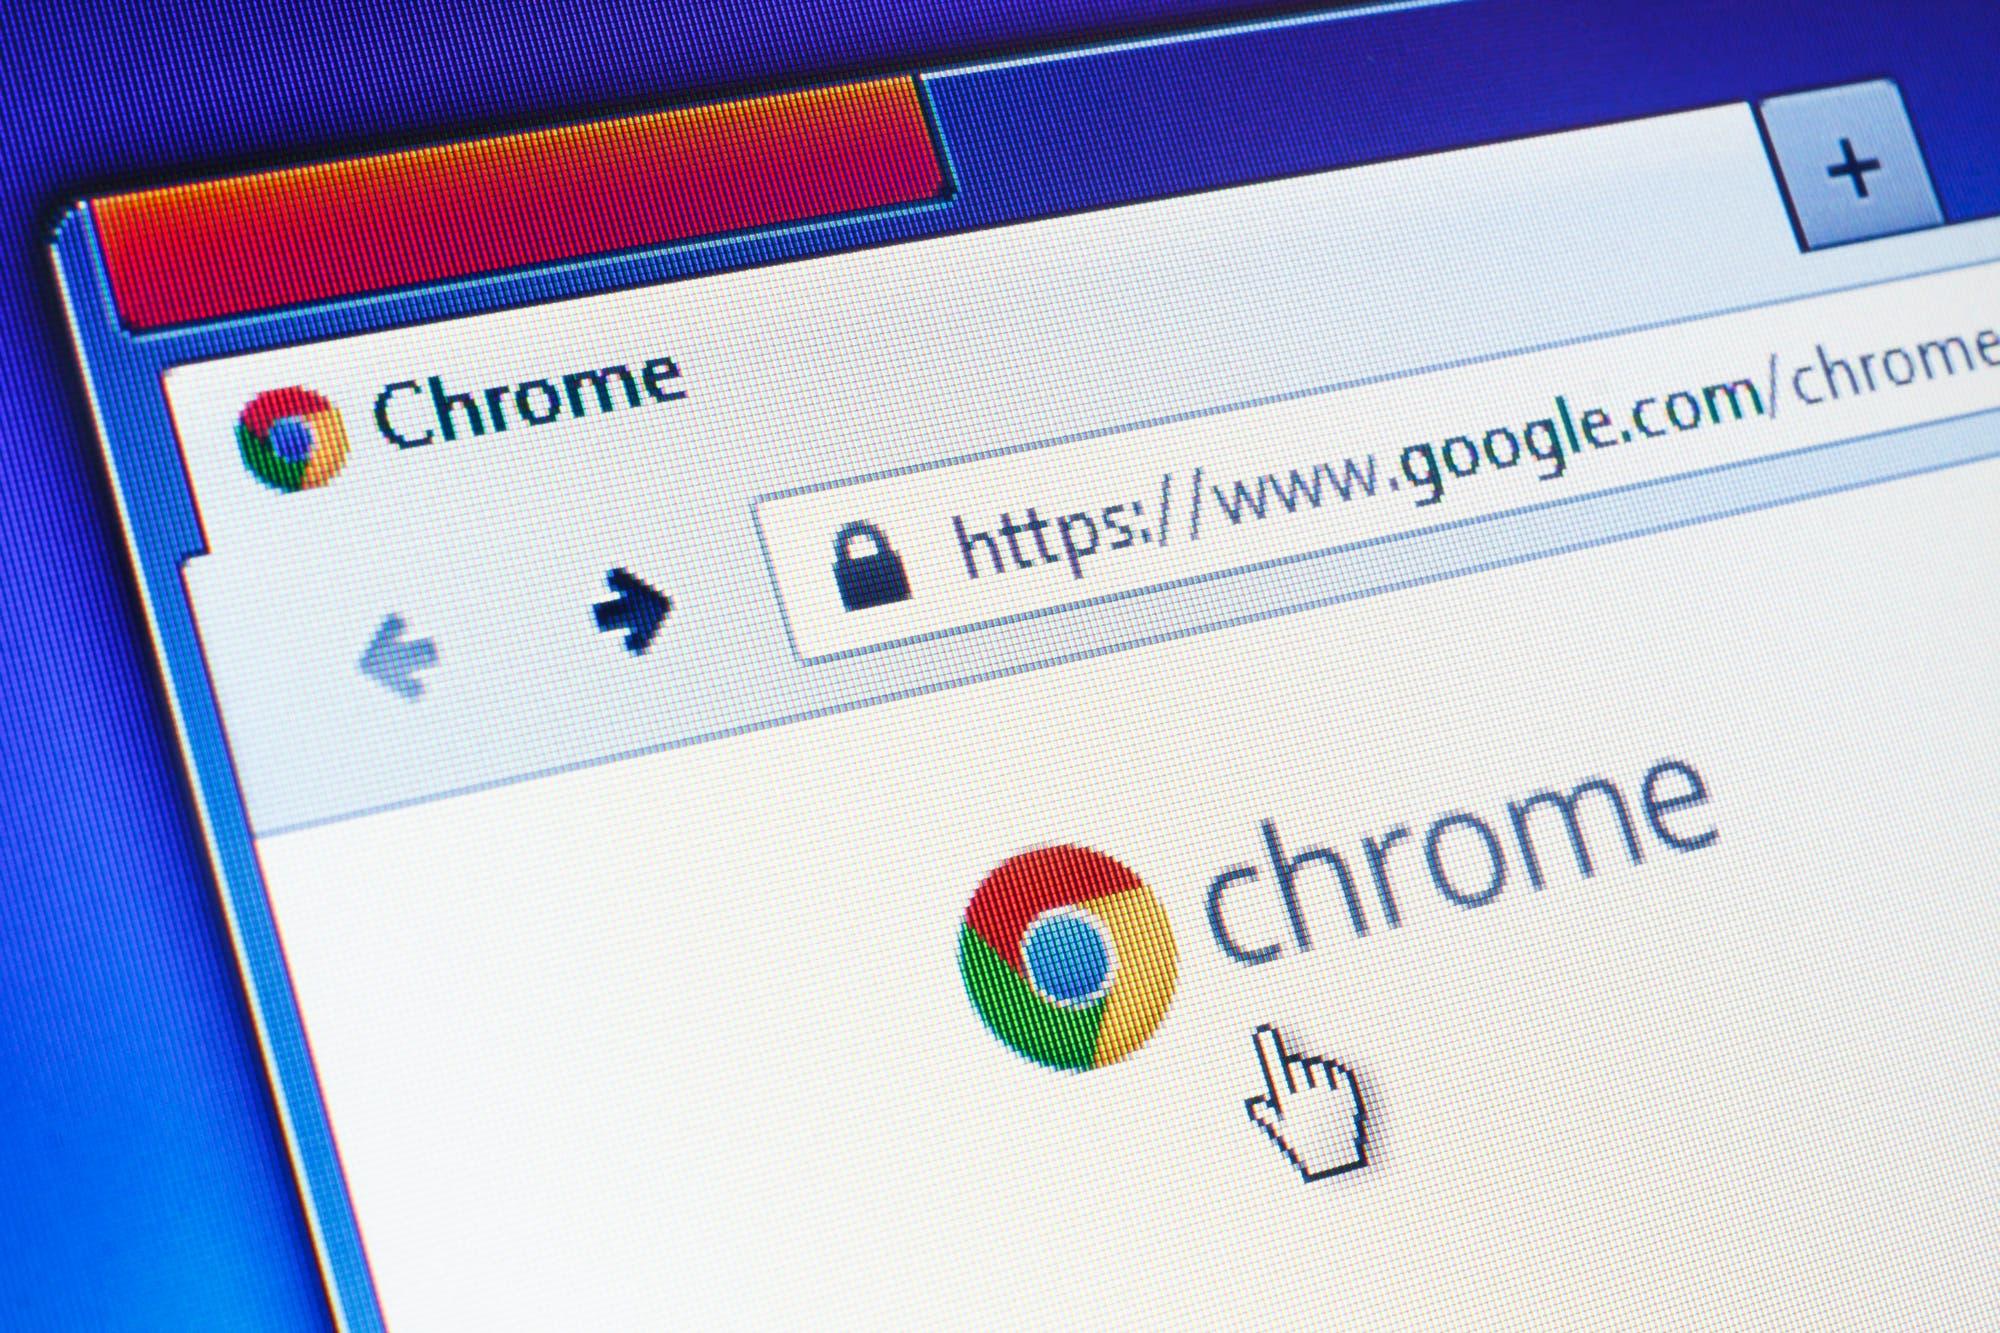 Google Chrome ahora ofrece transcripciones en tiempo real en todos los videos y audios del navegador